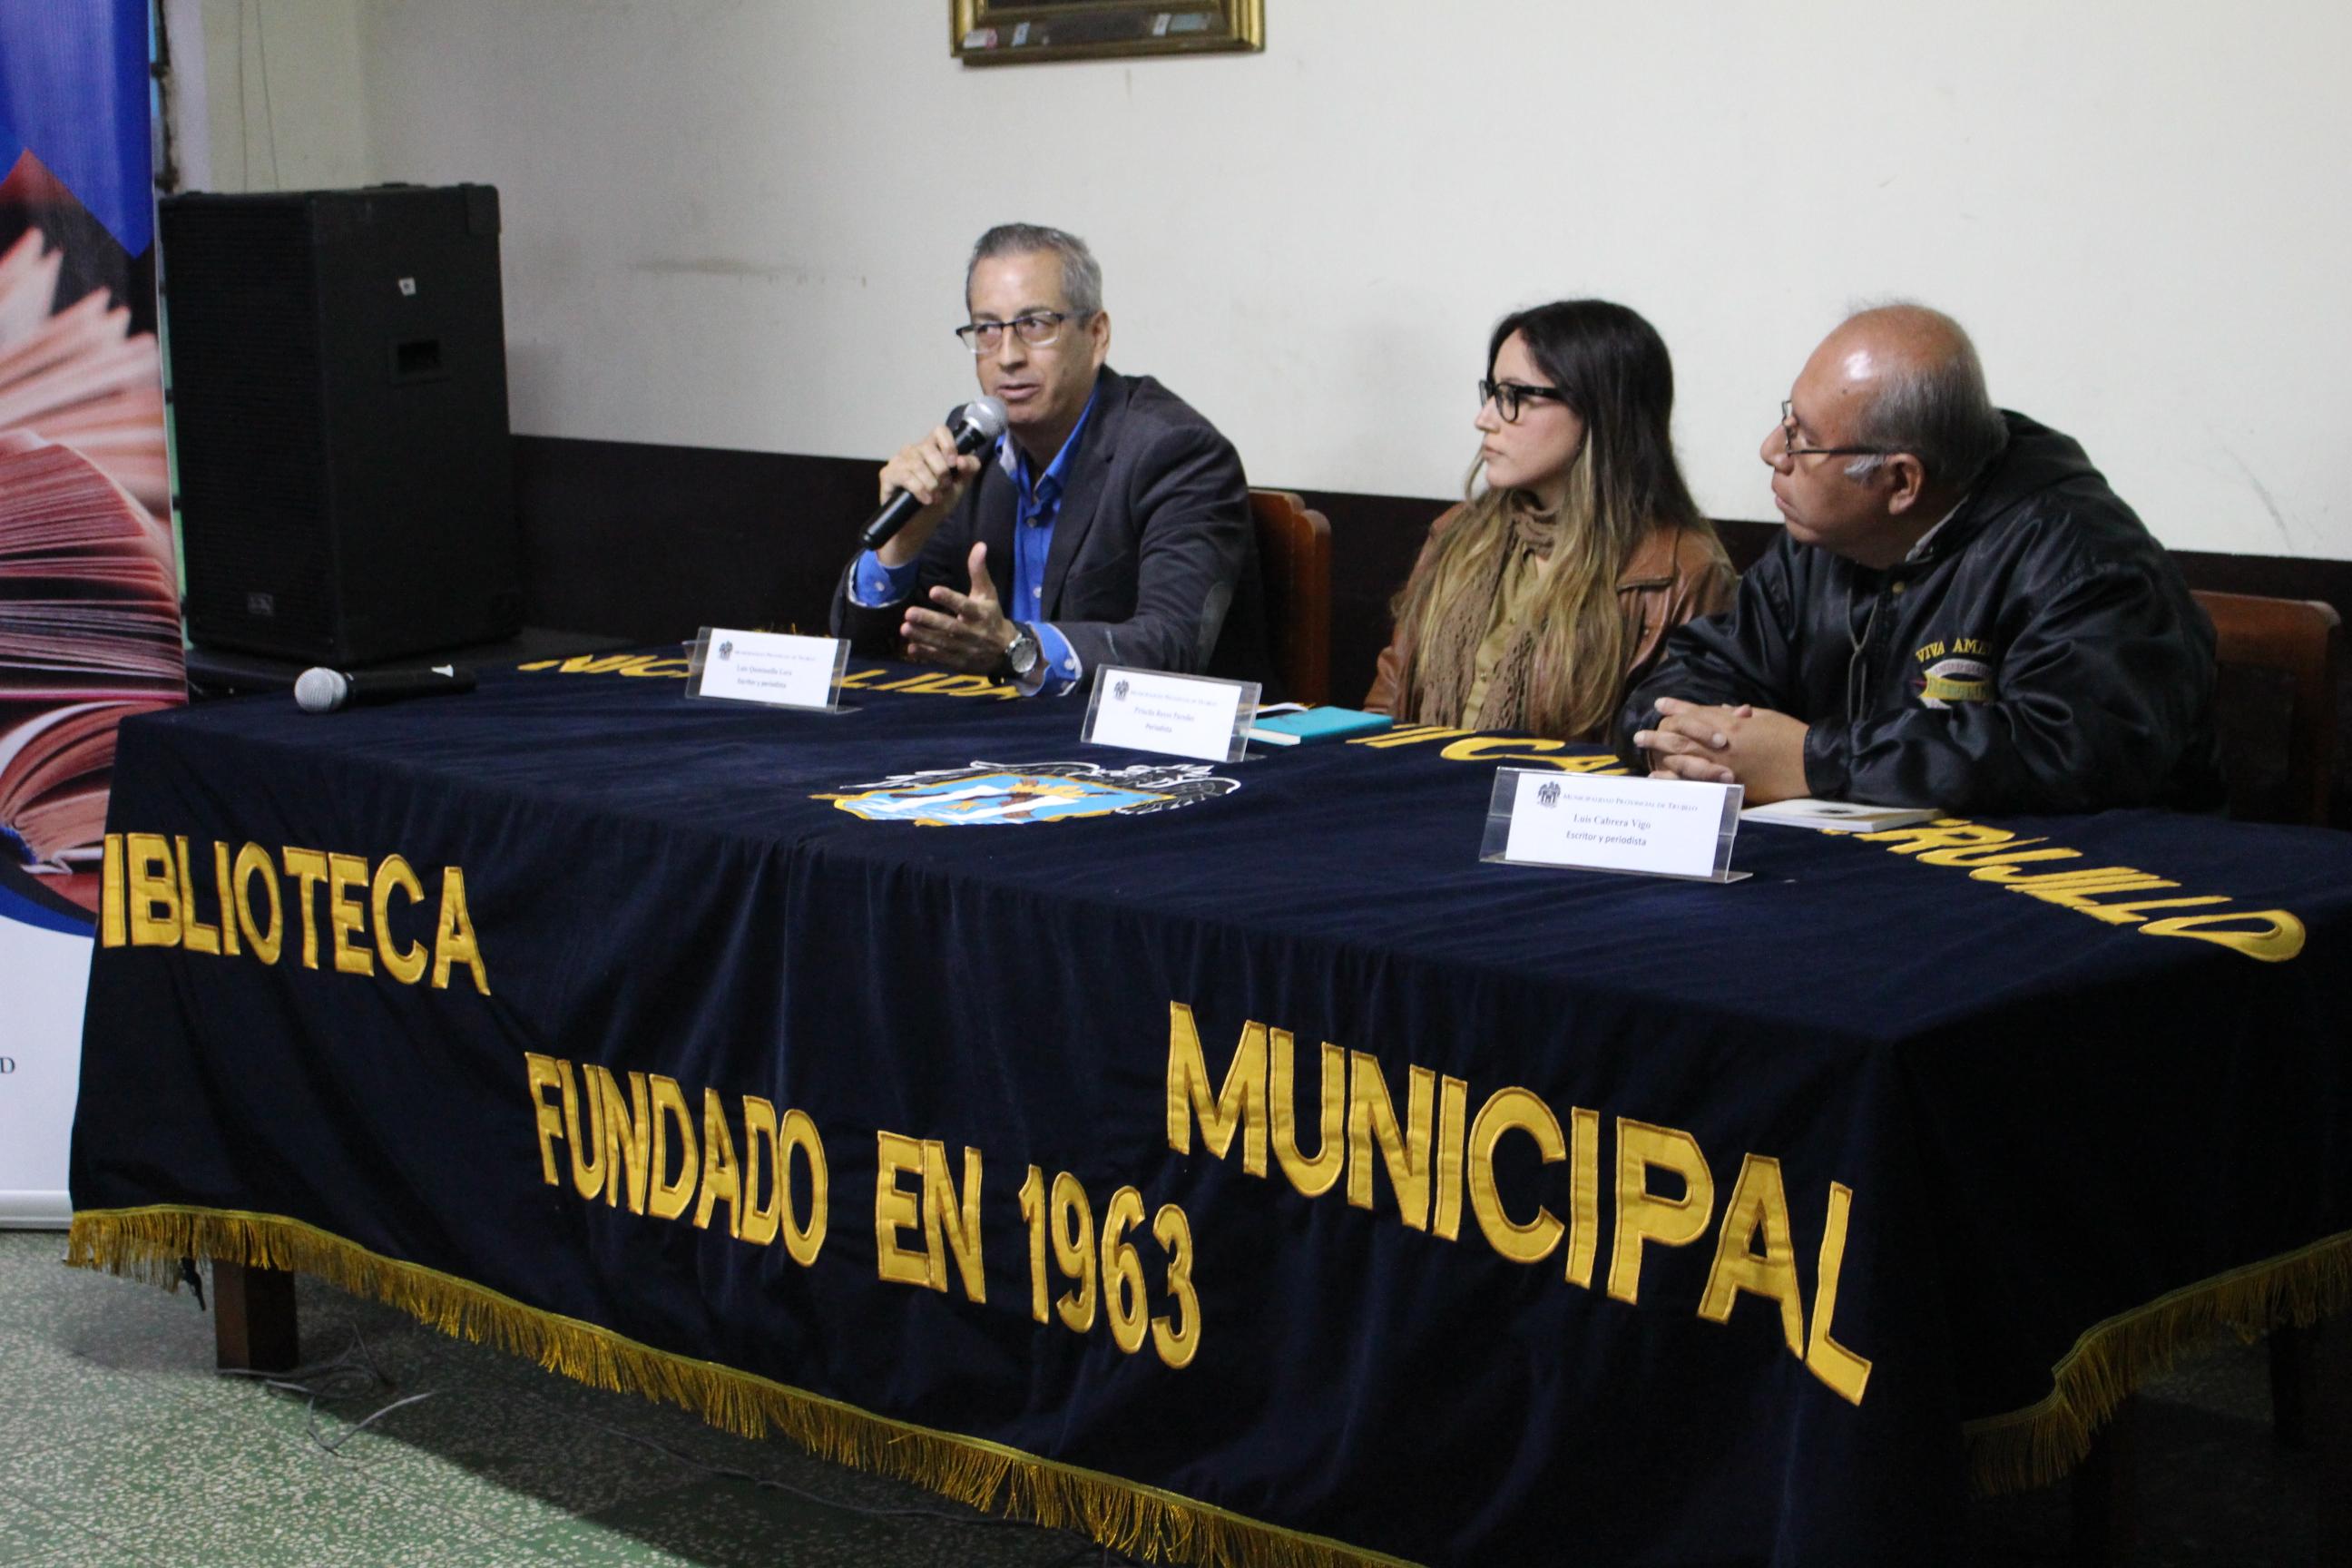 Luis Quintanilla